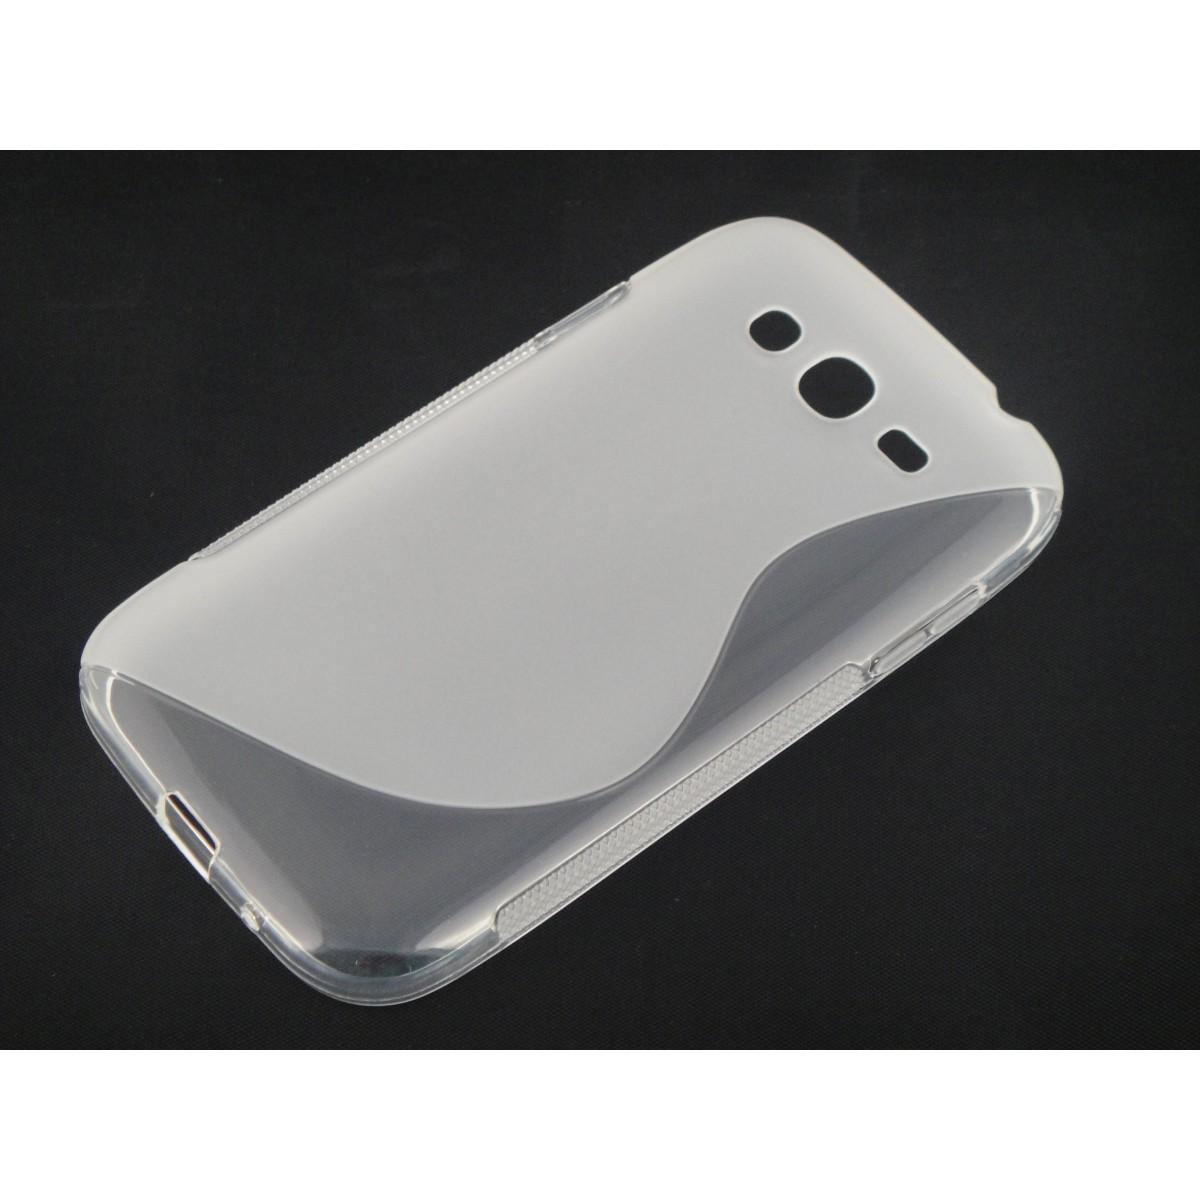 Capa TPU S-Type Transparente Samsung Grand Duos i9082 + Película Flexível